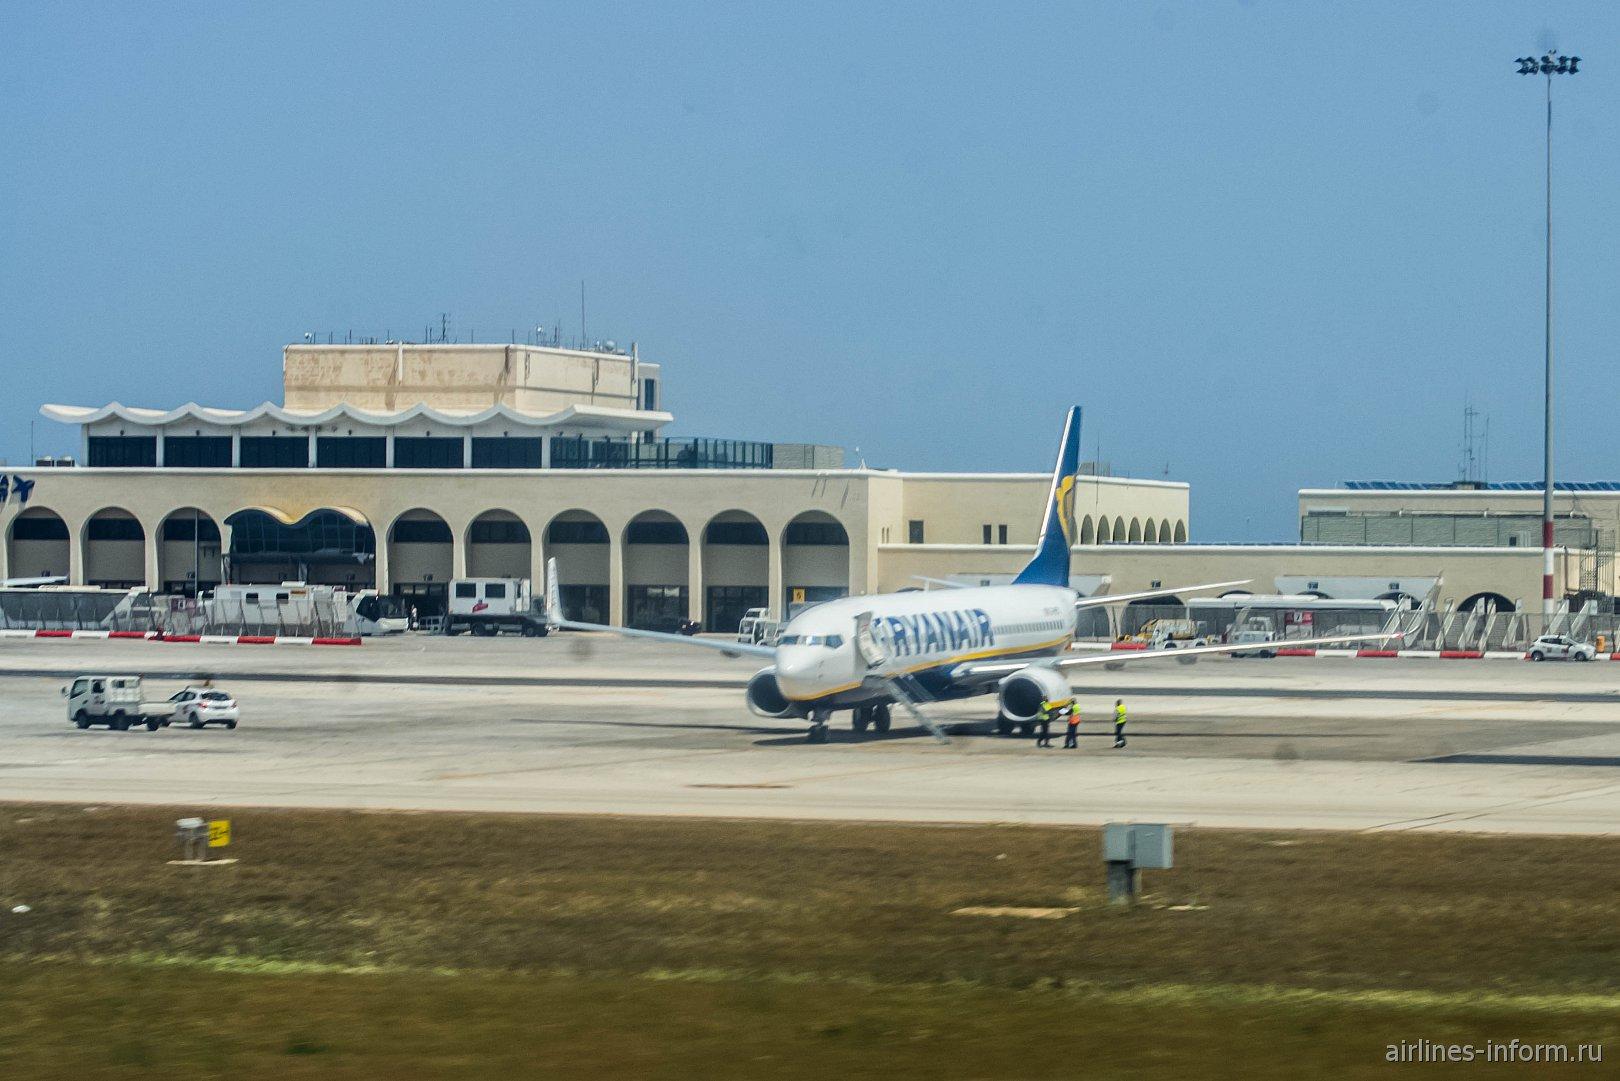 Аэровокзал аэропорта Мальта со стороны летного поля